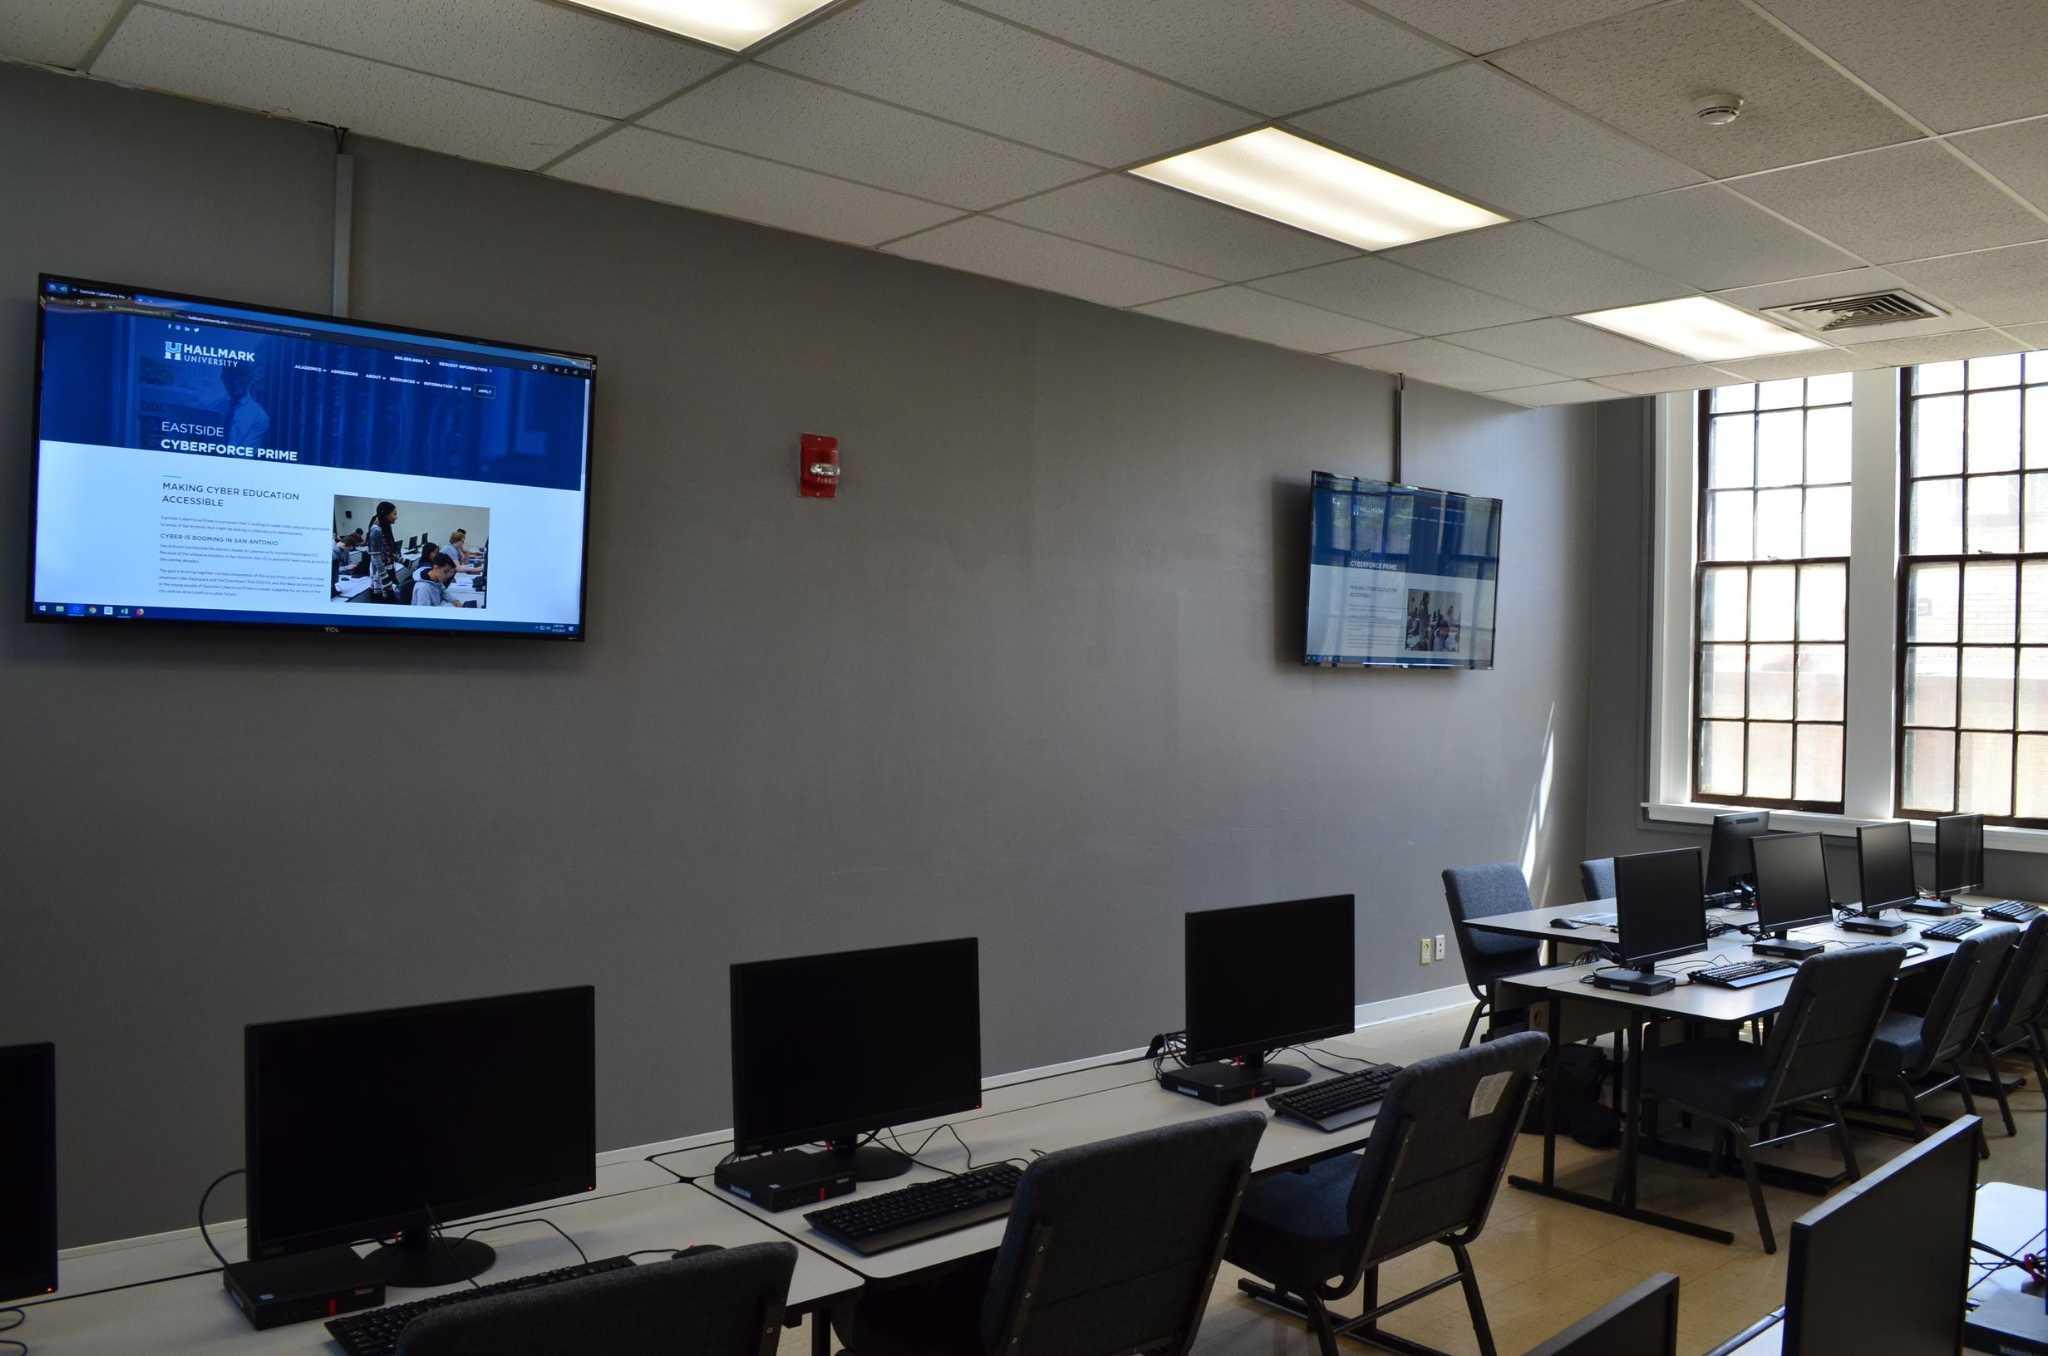 San Antonio university launches free cybersecurity program